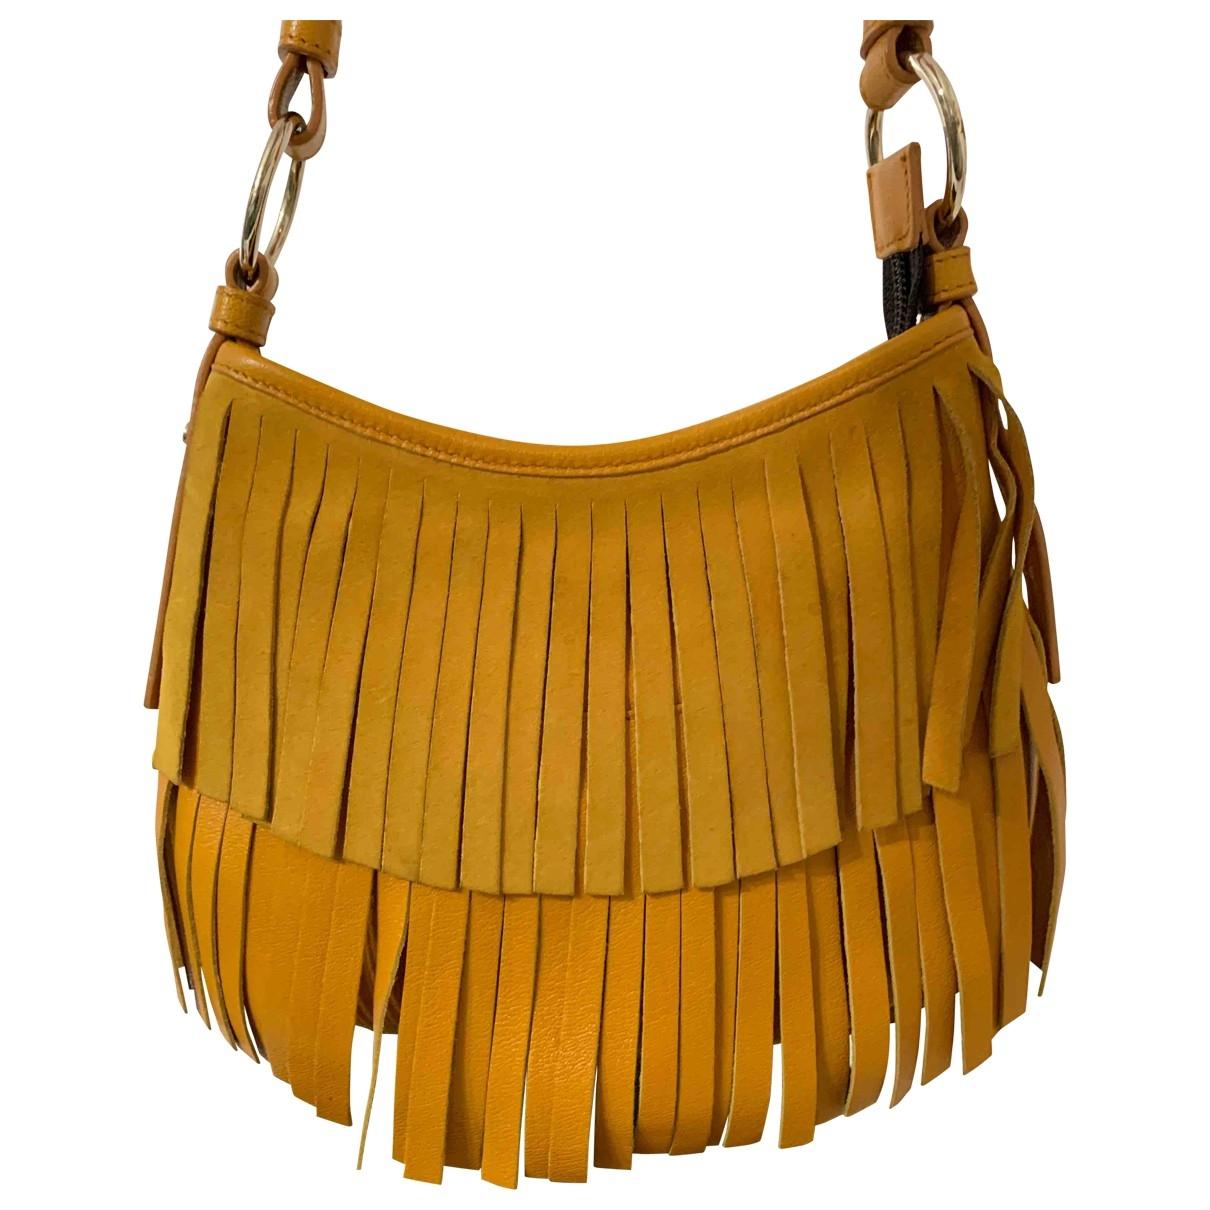 Yves Saint Laurent - Sac a main   pour femme en cuir - jaune